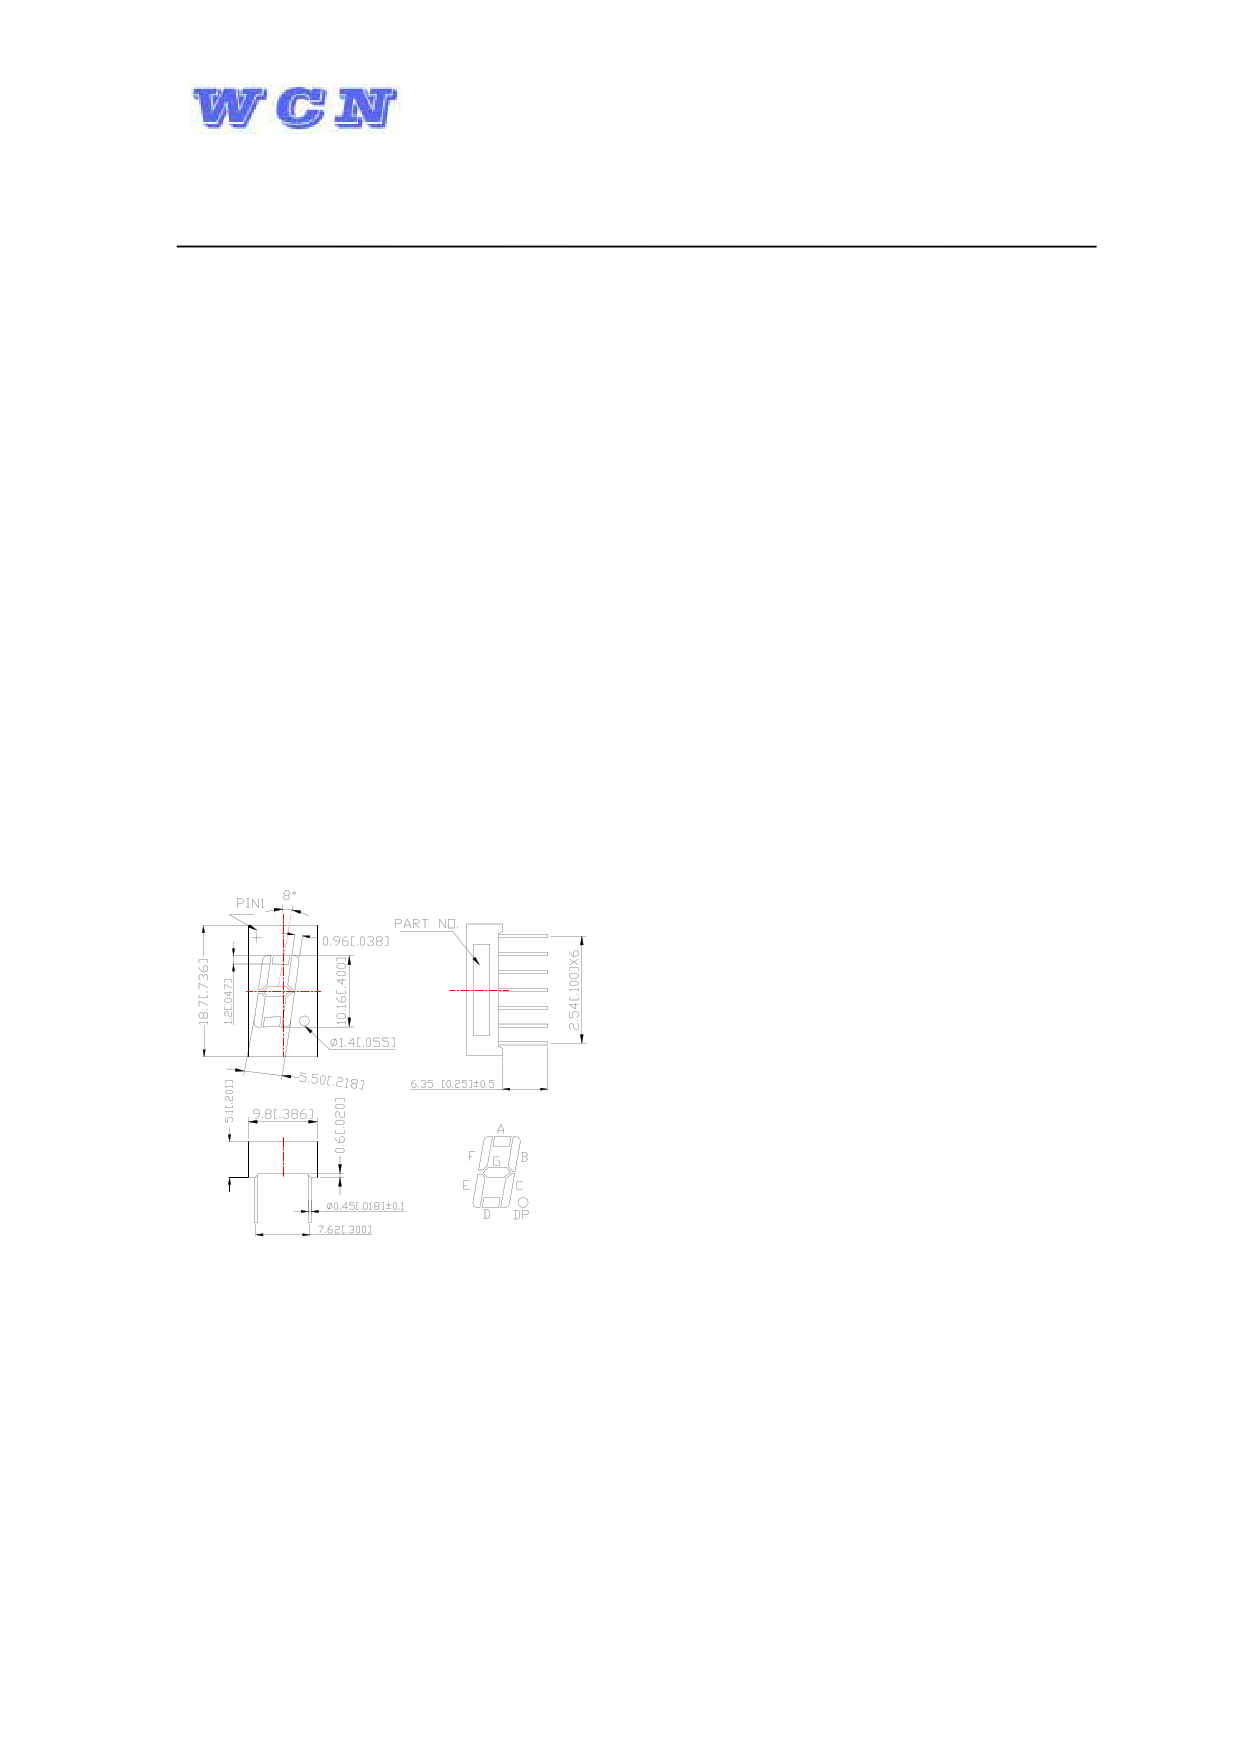 WCN3-0040HO-C11 datasheet